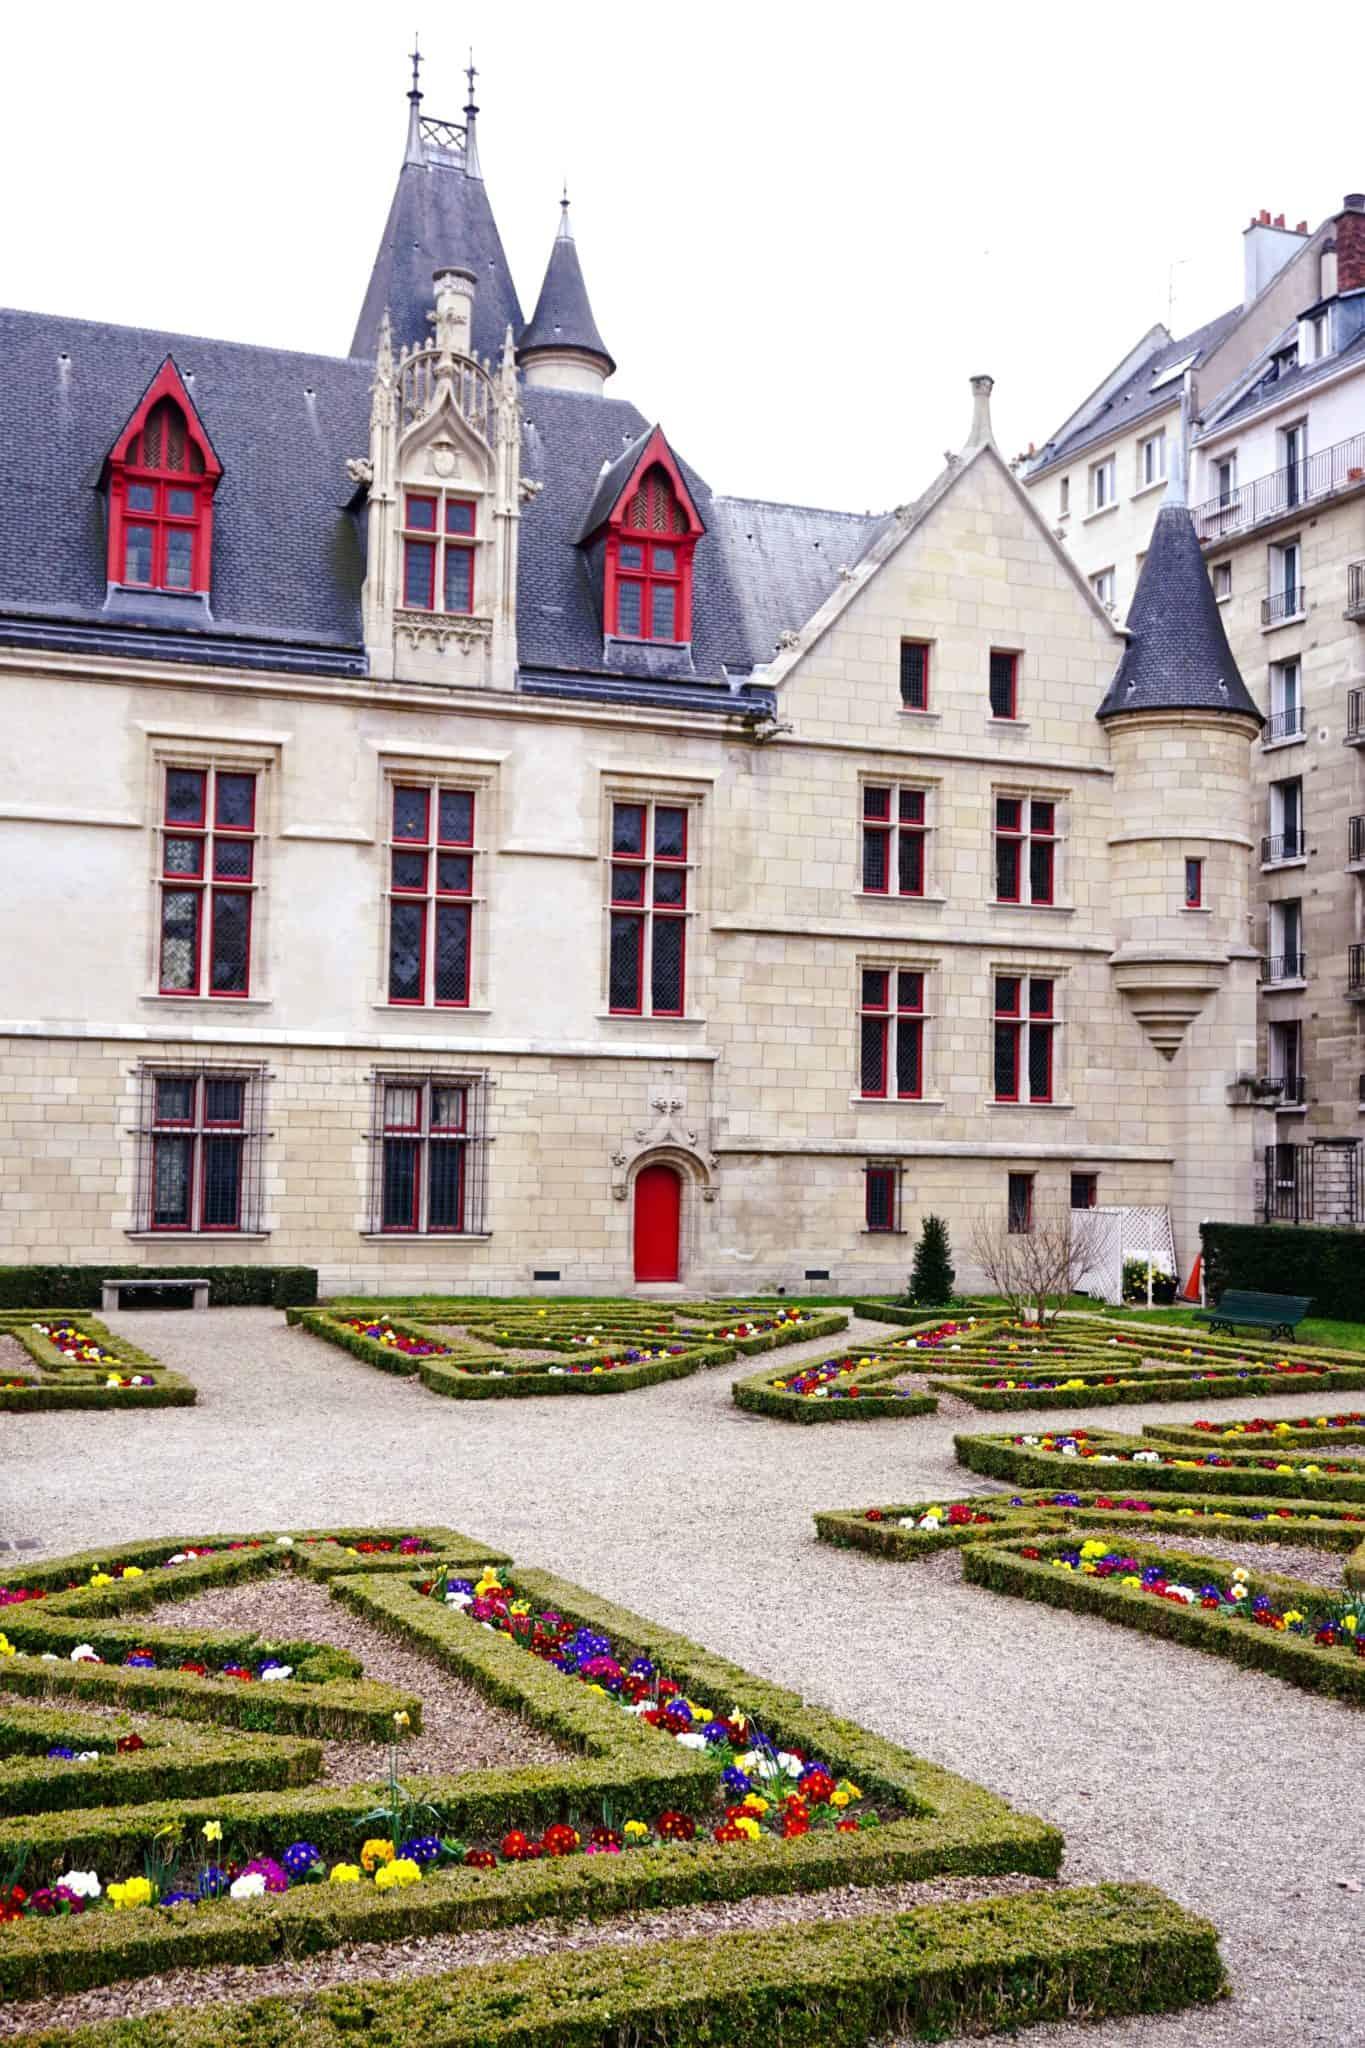 Hotel de Sens Gardens, Paris, France